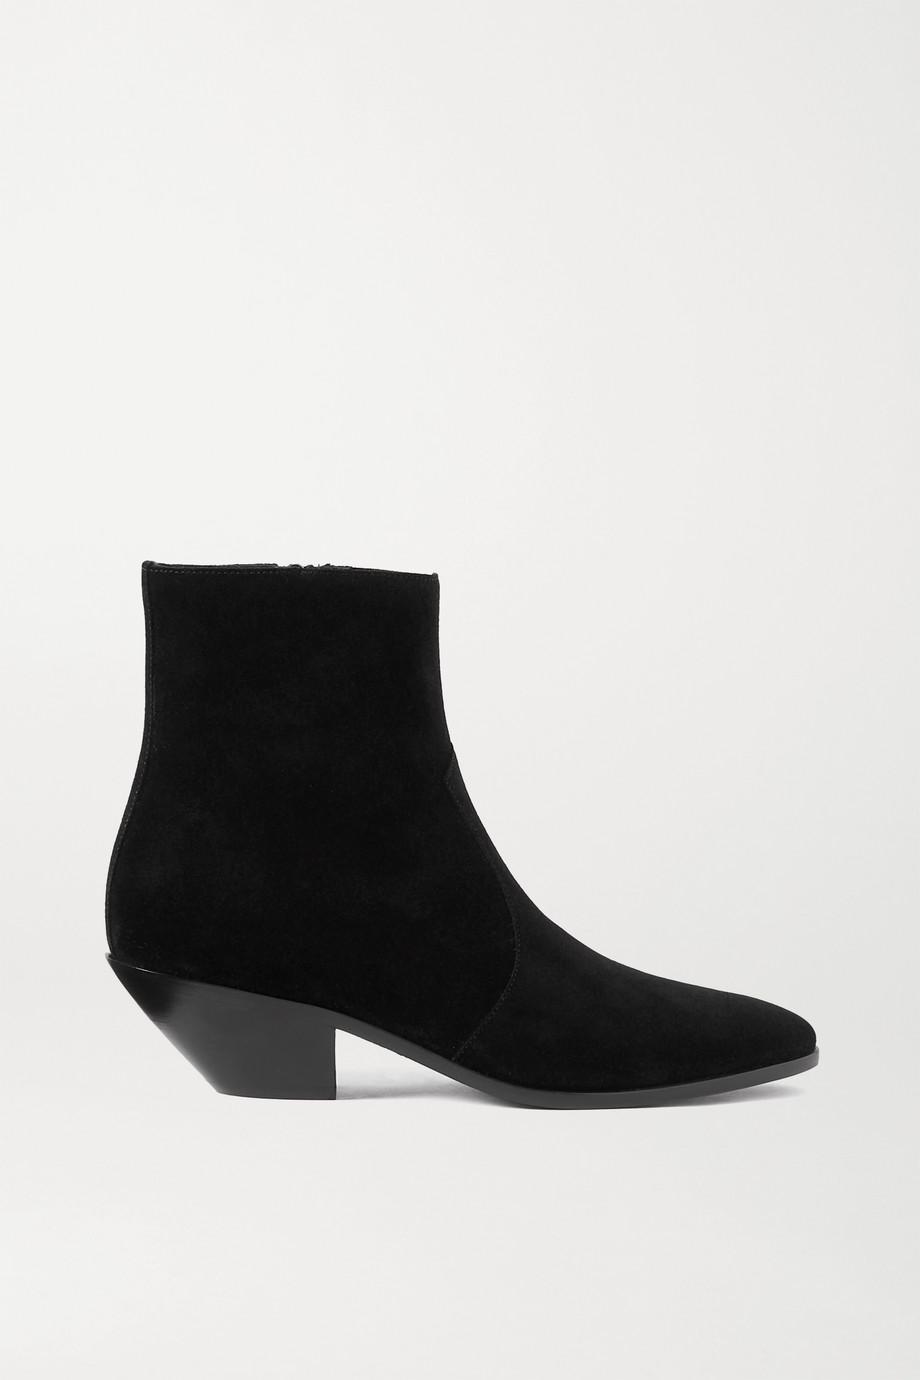 SAINT LAURENT West suede ankle boots